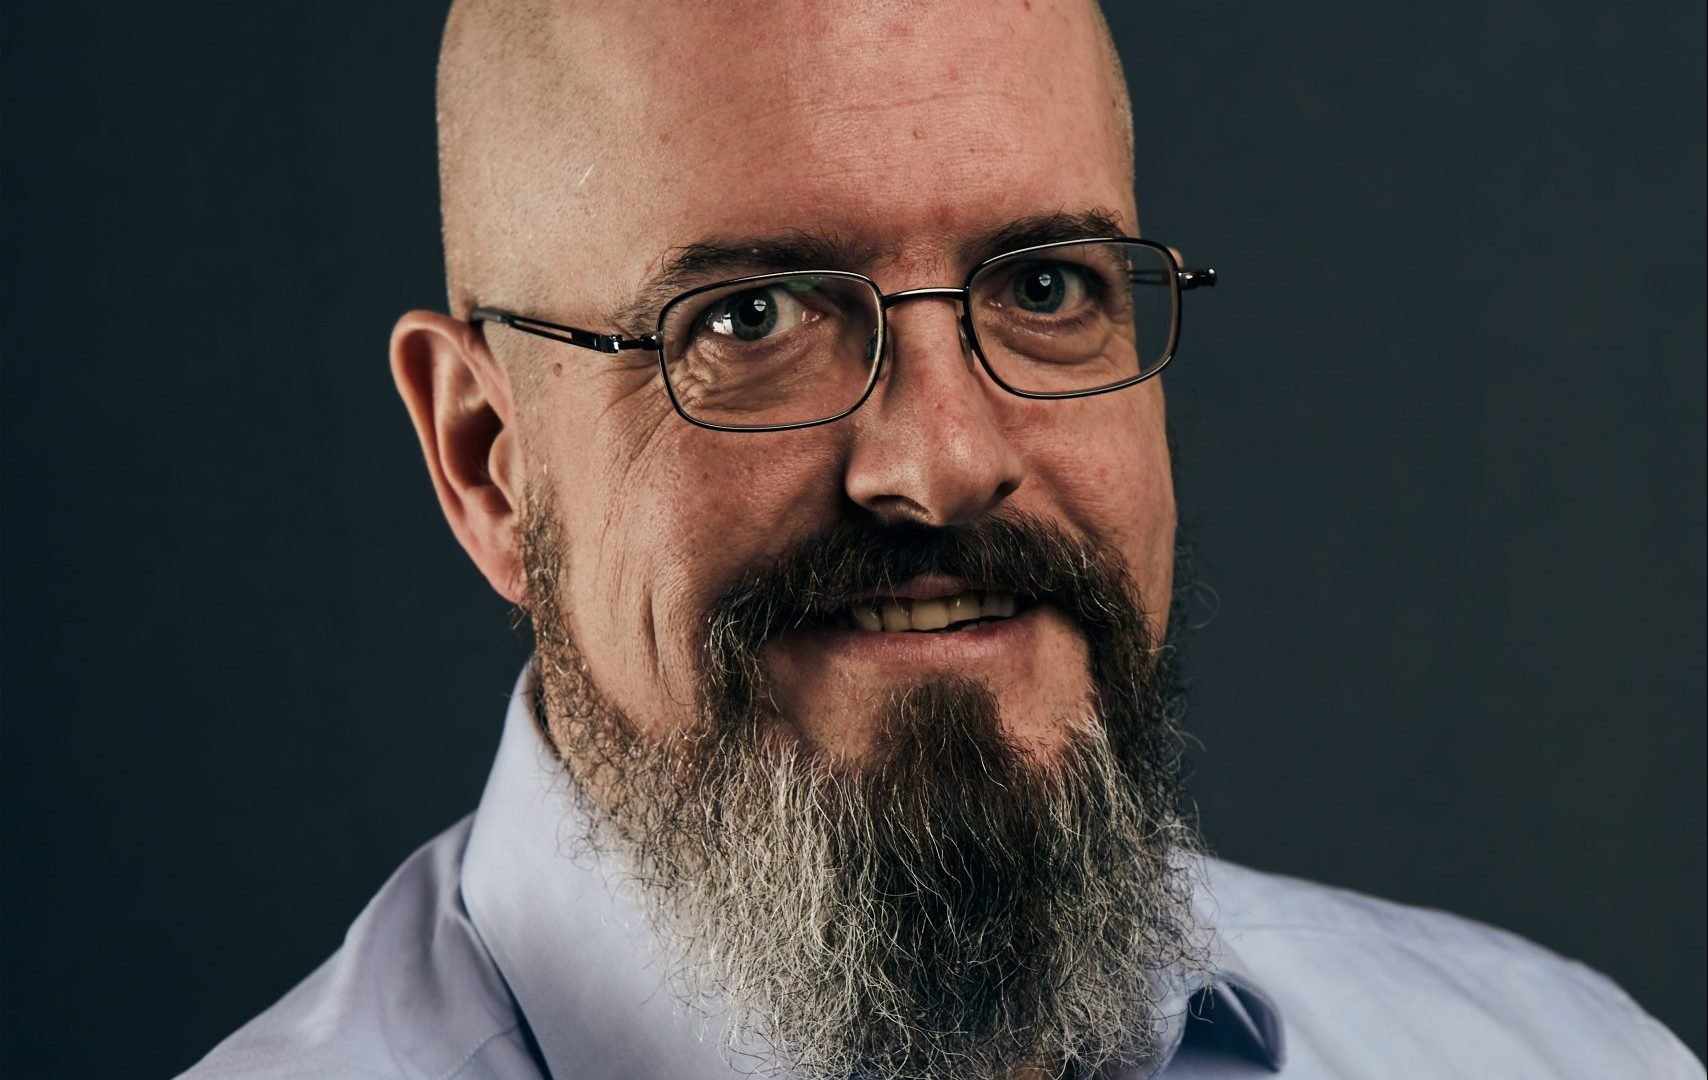 Paul Jeroen Meihuizen